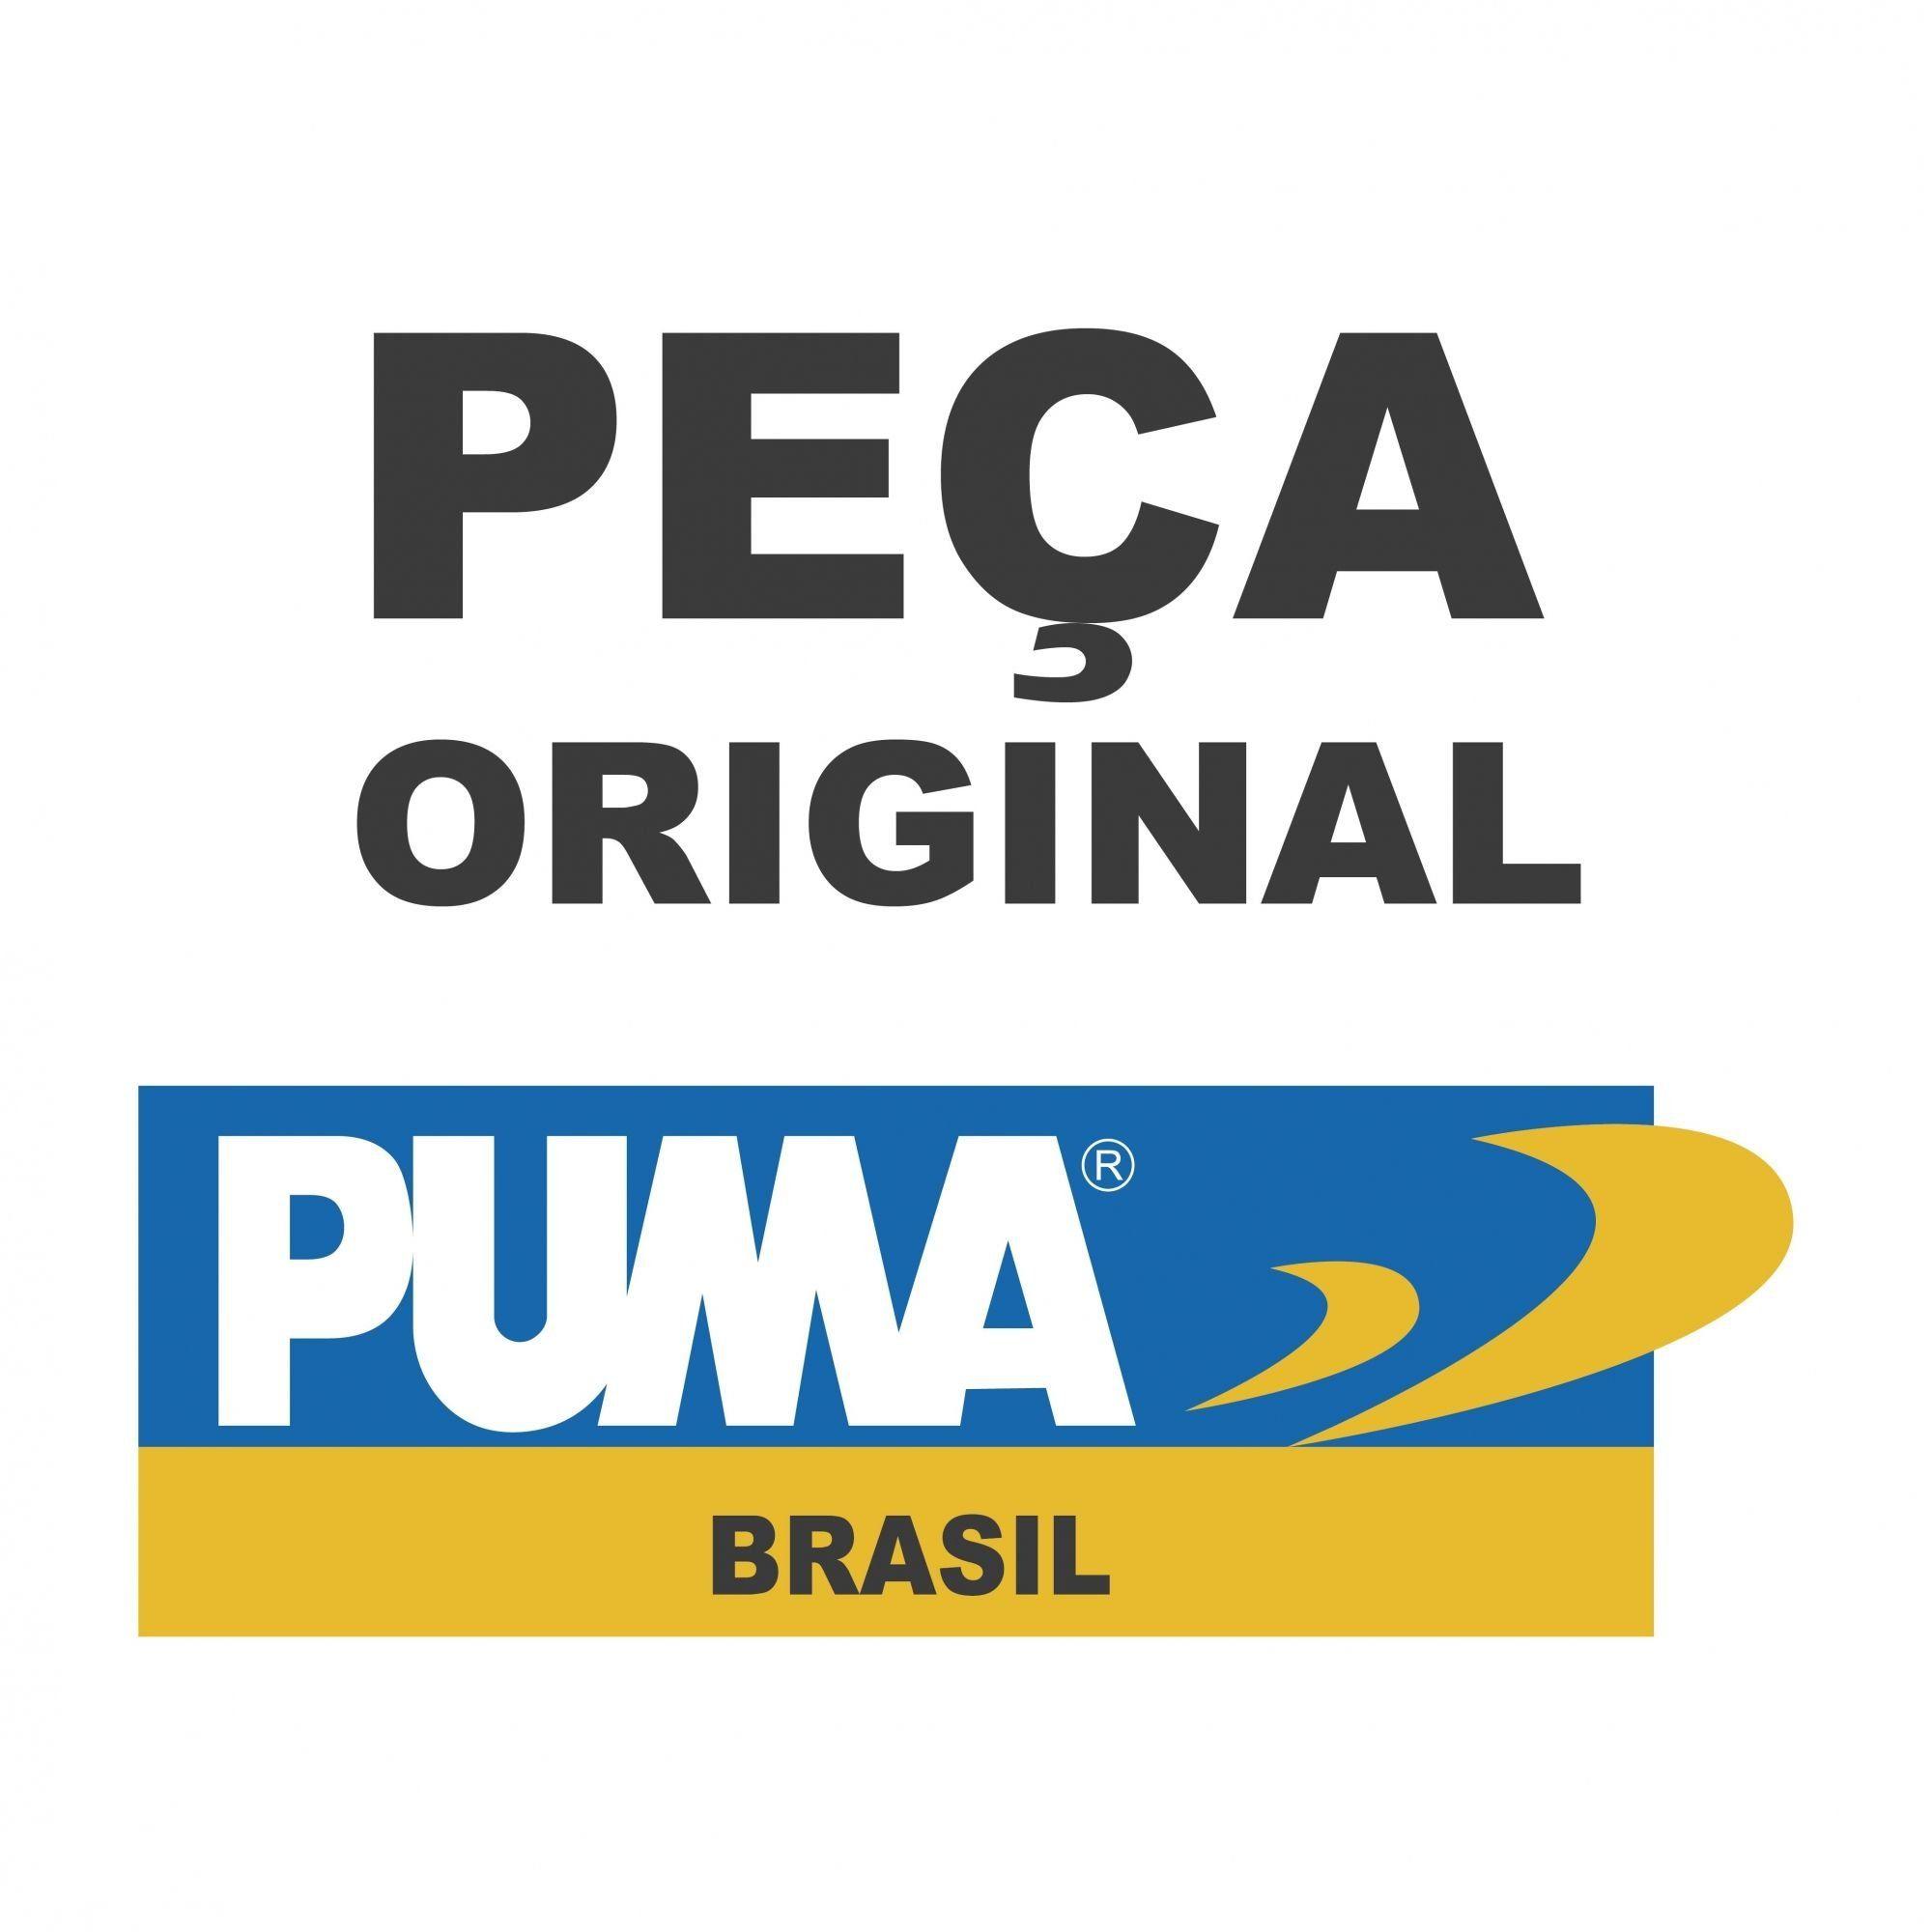 AGULHA DE PINTURA 1.9MM - PEÇA PNEUMÁTICA PUMA - P1005-11A